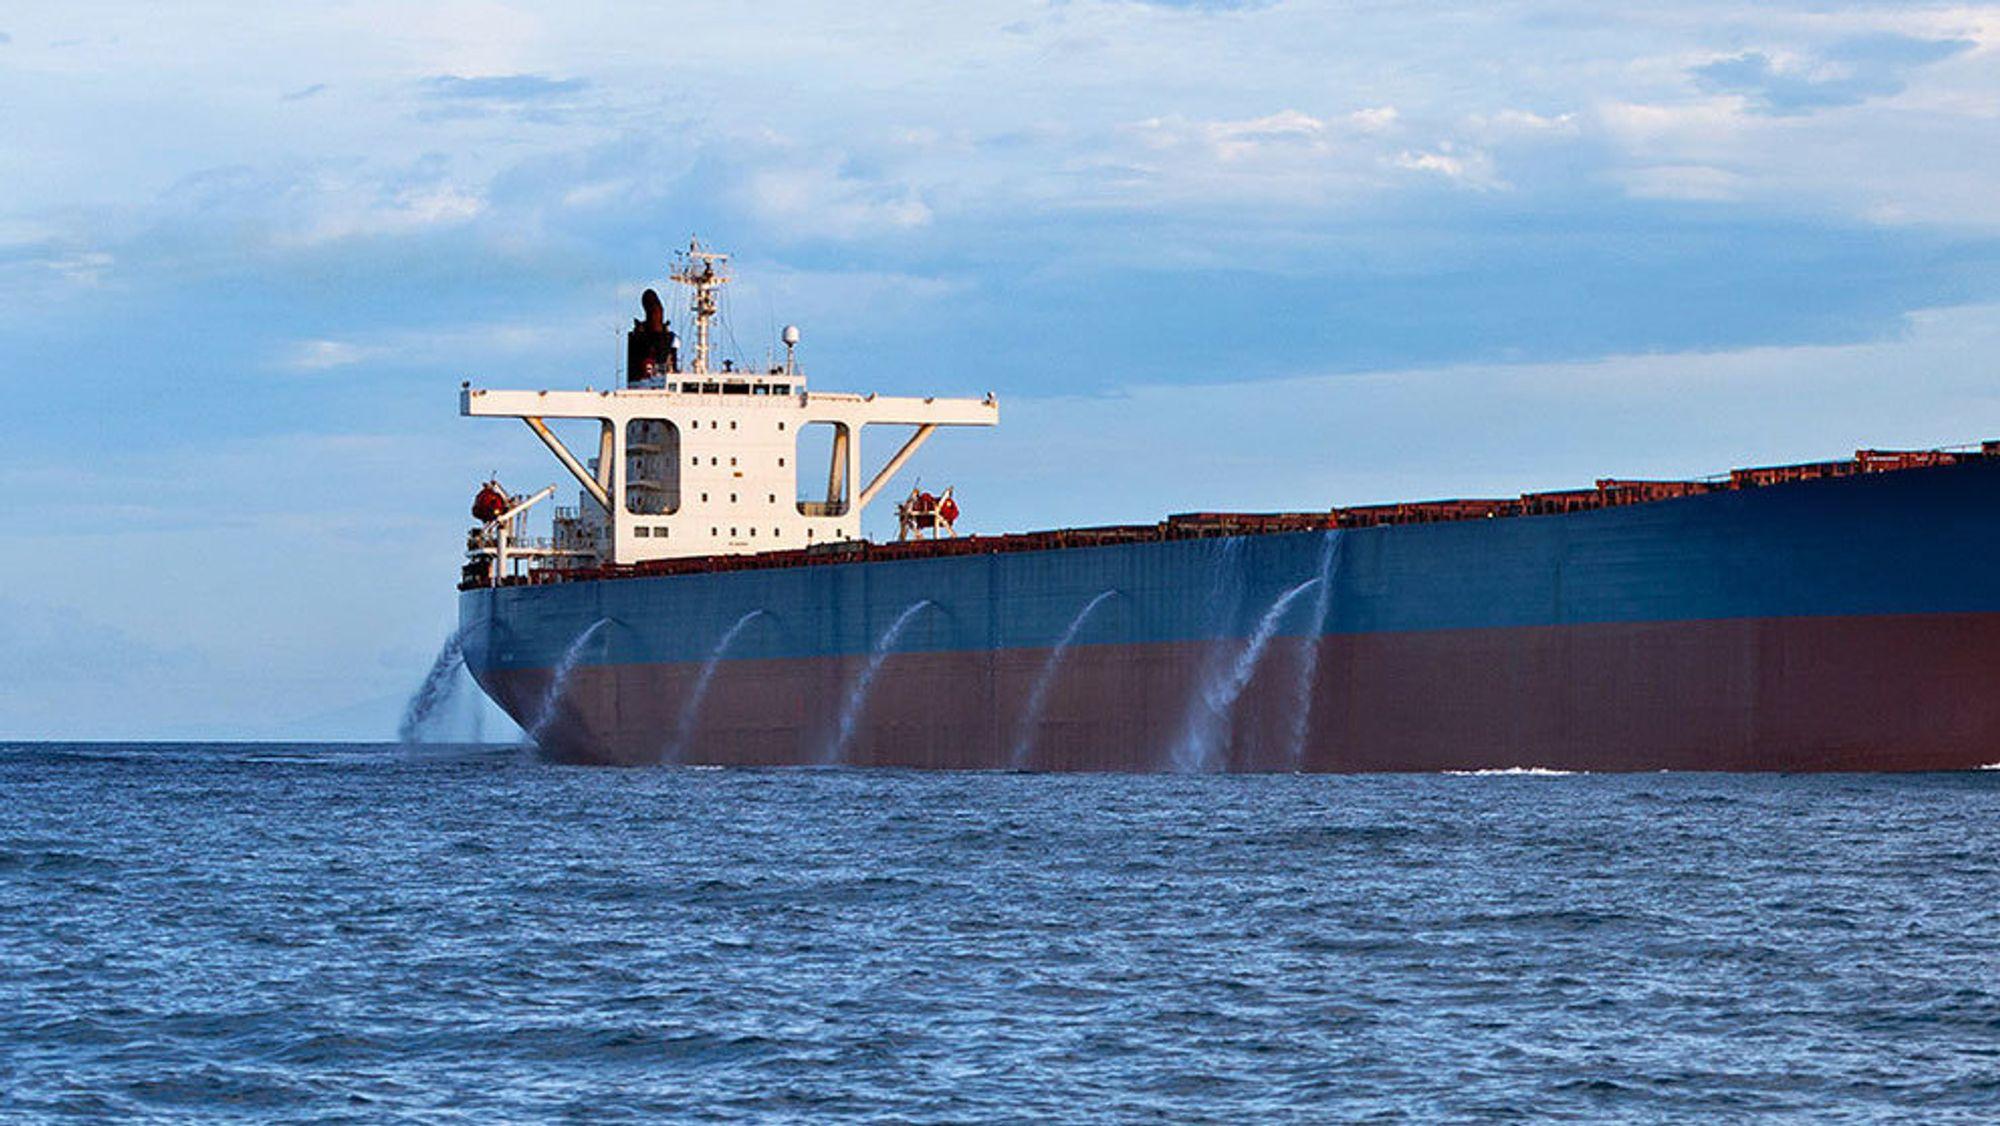 Innføringen av krav om rensesytem for ballastvann utsettes nok en gang. Norge håper å få gjennomslag for et kompromiss.